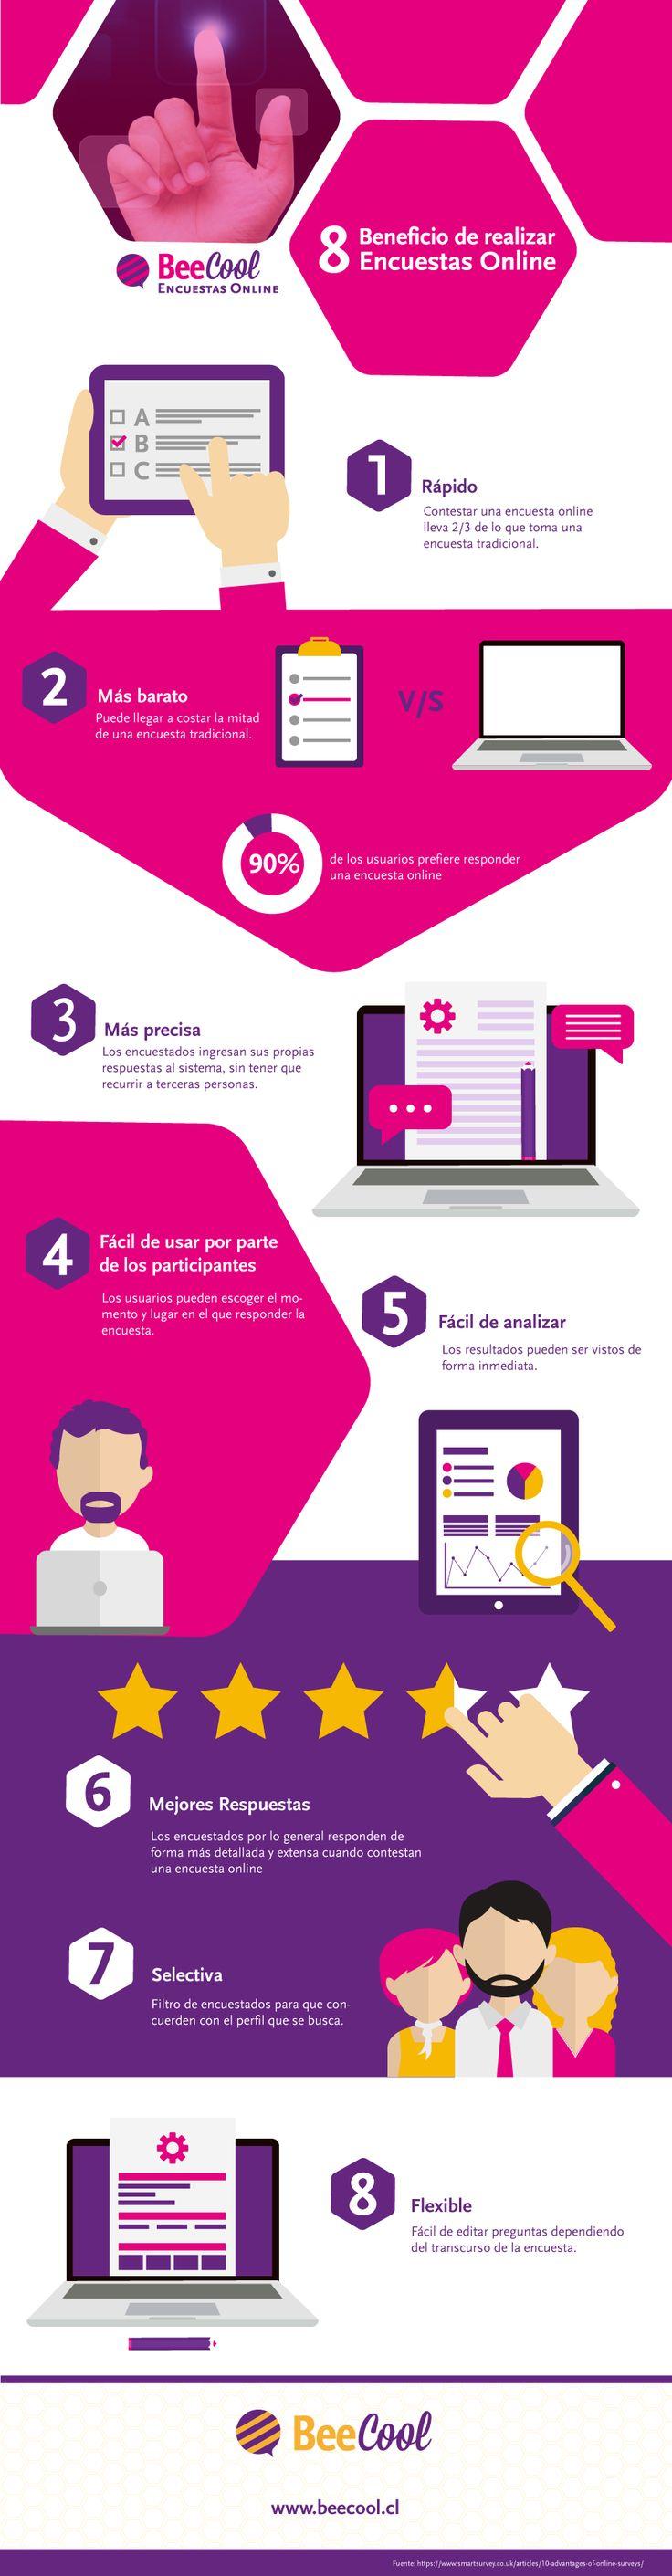 Beneficios de realizar encuestas online: Es rápido y más barato para obtener la información y datos que necesitas. Visita nuestro artículo y descubre qué páginas web o plataformas puedes utilizar para diseñar los formularios y analizar los datos obtenidos http://tugimnasiacerebral.com/herramientas-de-estudio/paginas-o-sitios-web-para-crear-y-hacer-encuestas-en-linea-u-online #Gimnasia #Cerebral #Reto #Mental #Encuestas #Online